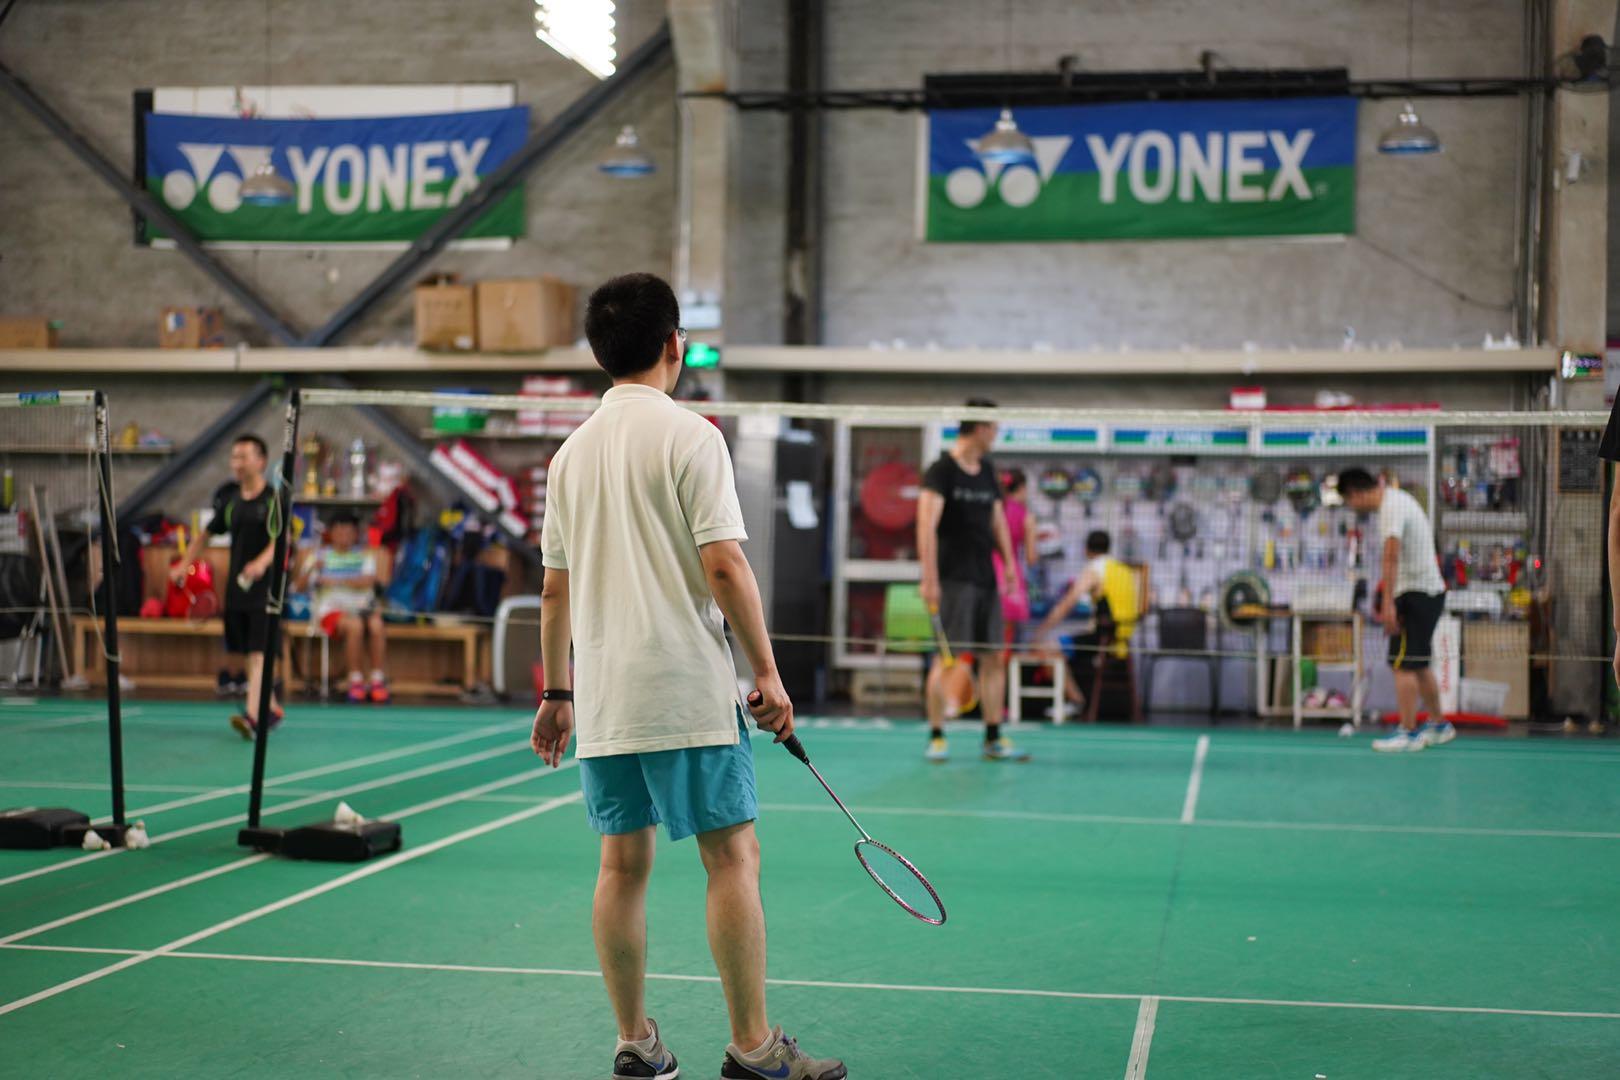 夏日激情,释放活力——办办网羽毛球团建活动顺利举办